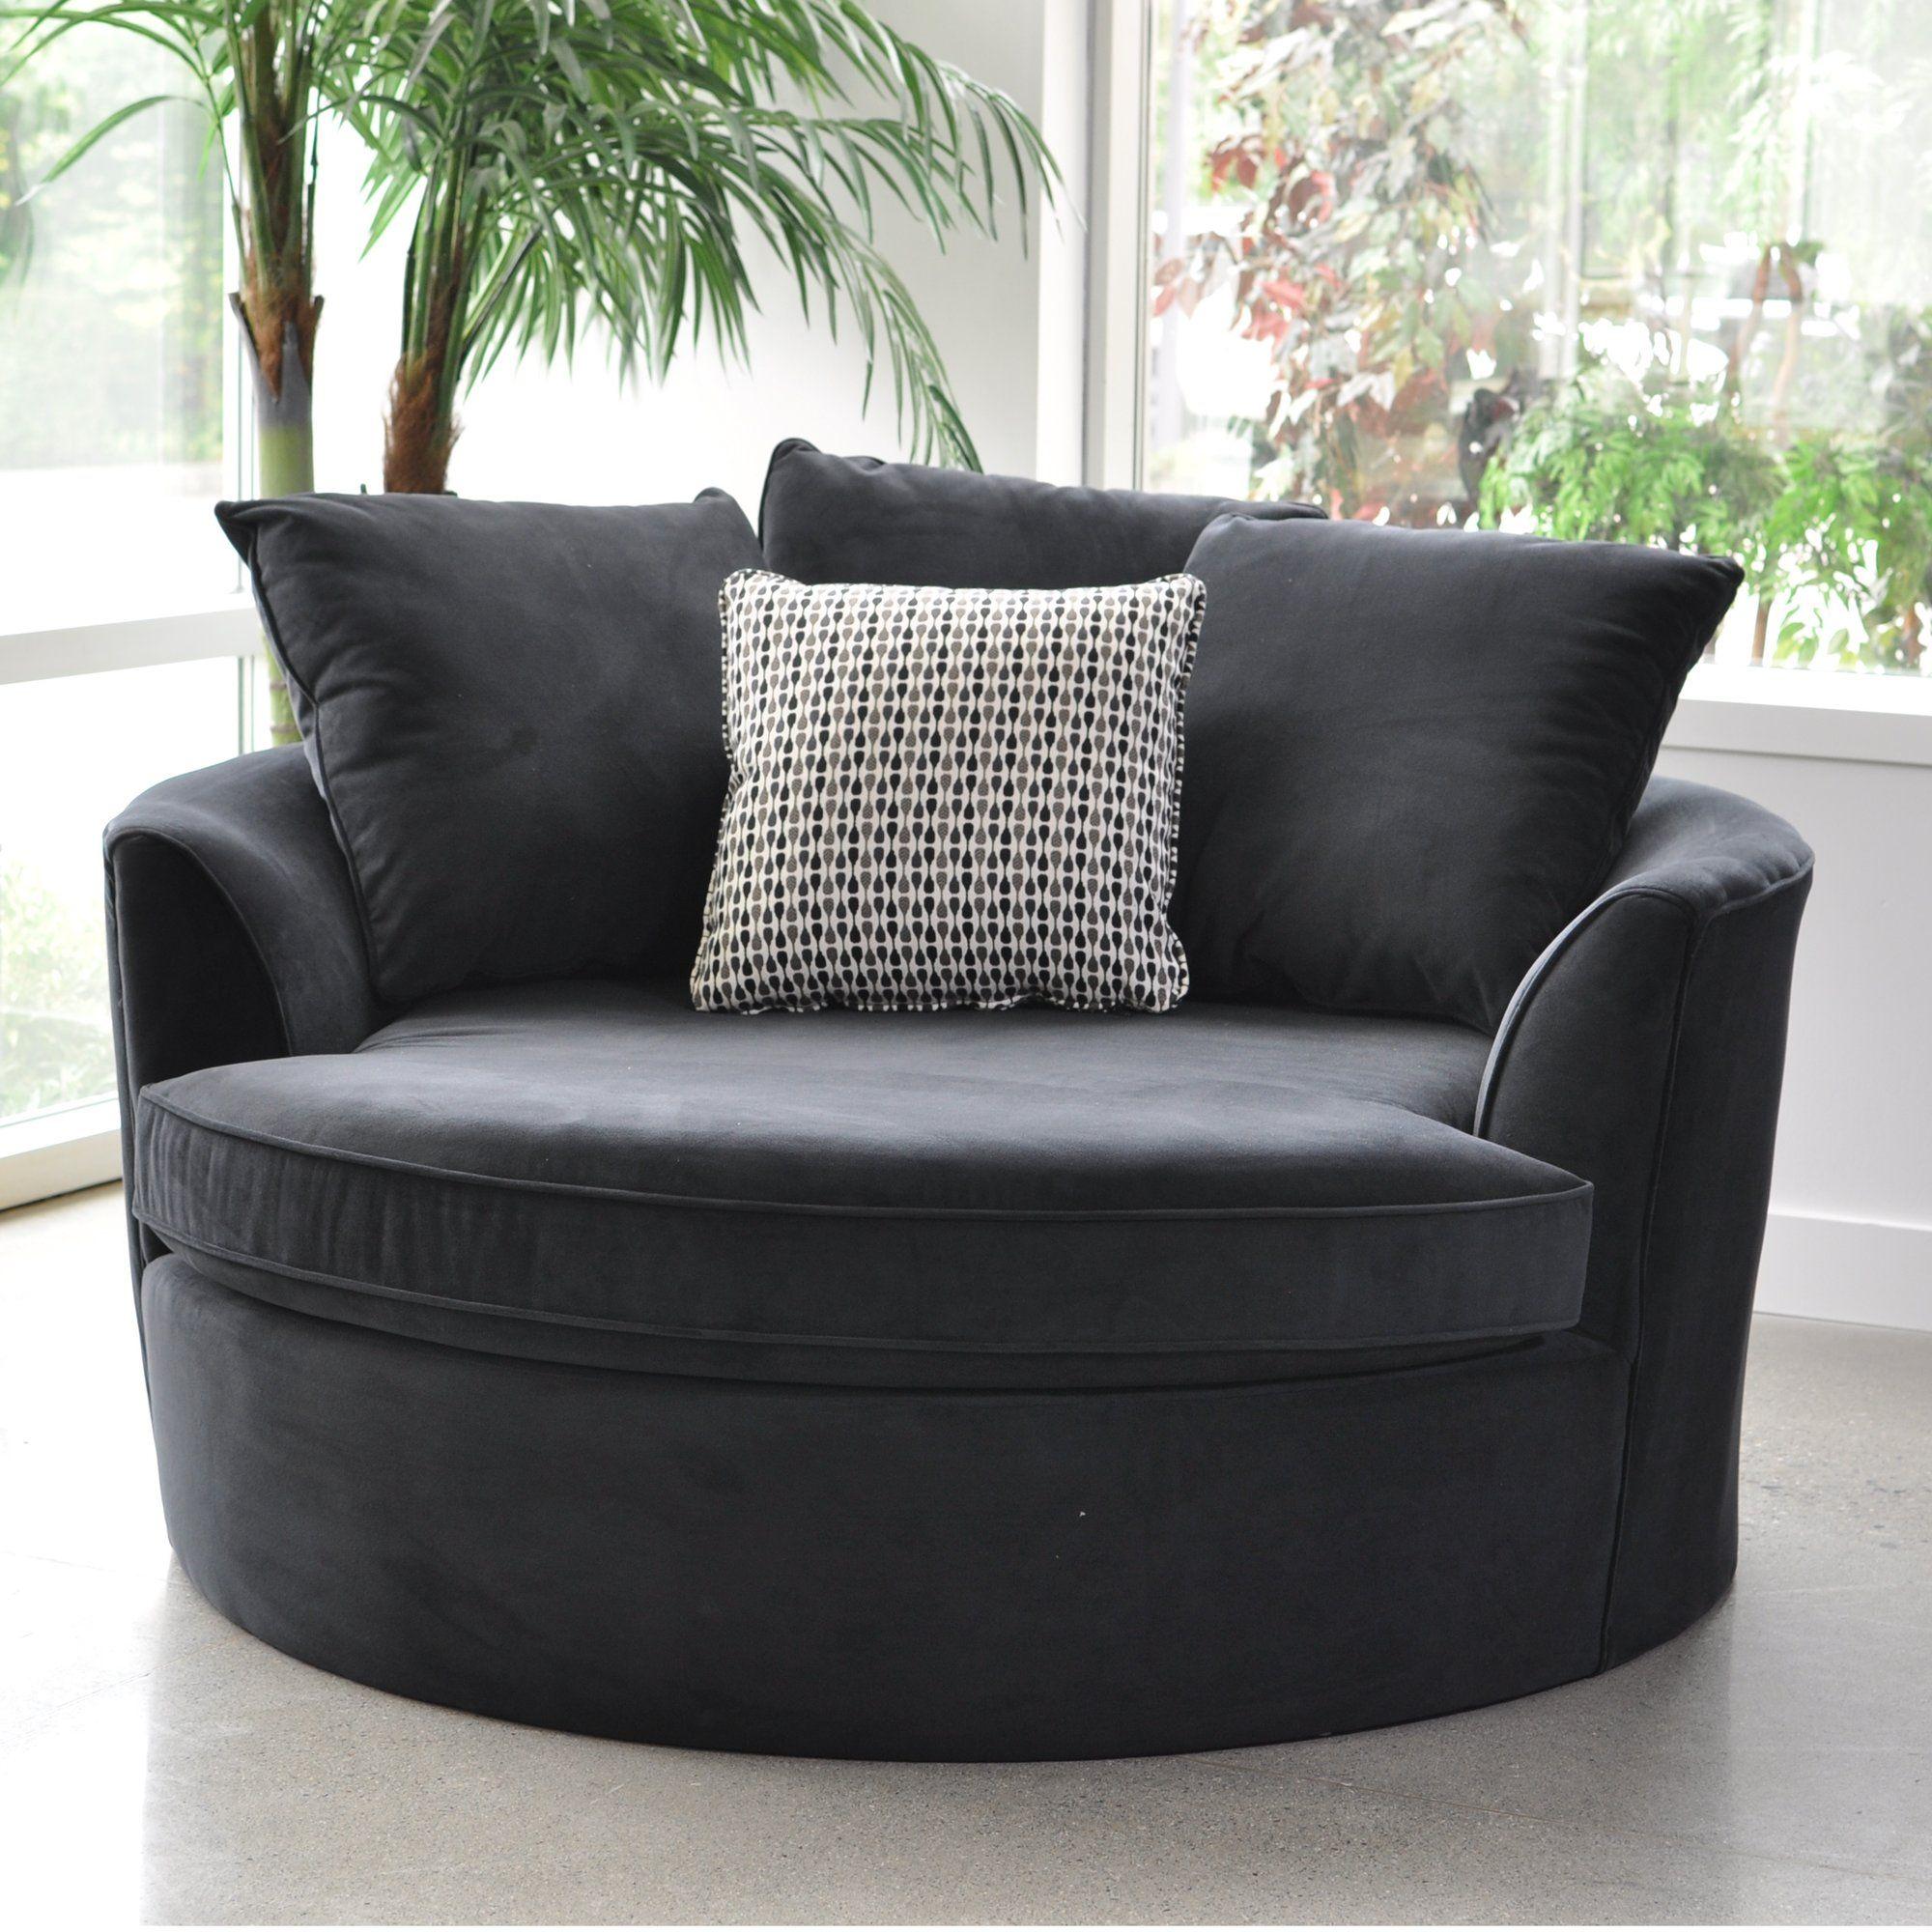 Best Biscayne Park Barrel Chair Barrel Chair Cuddler Chair 640 x 480